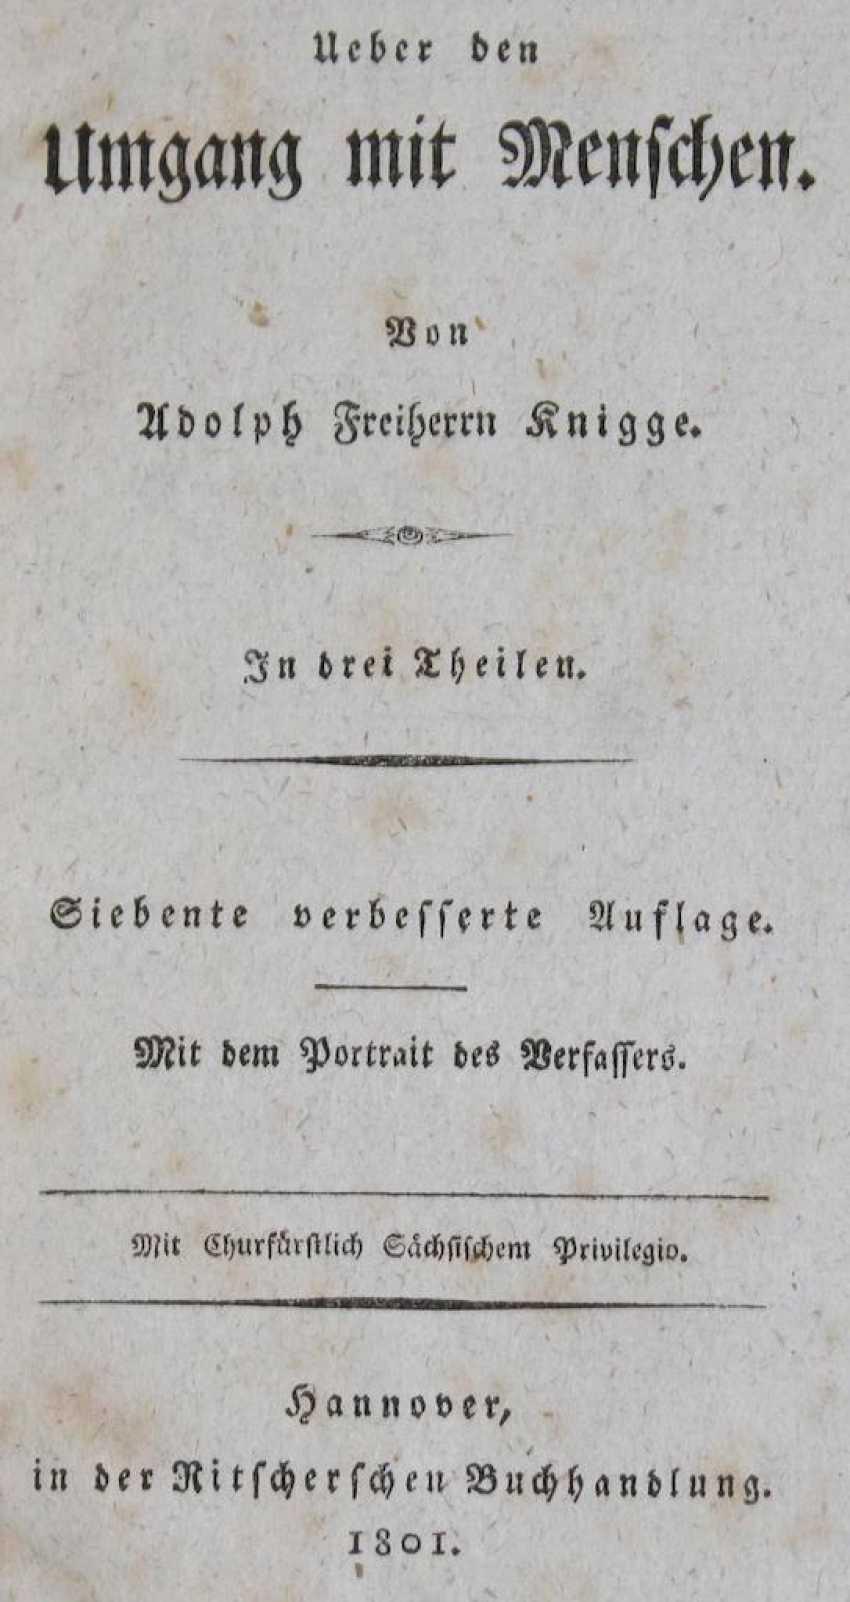 Knigge, A.v. - photo 1